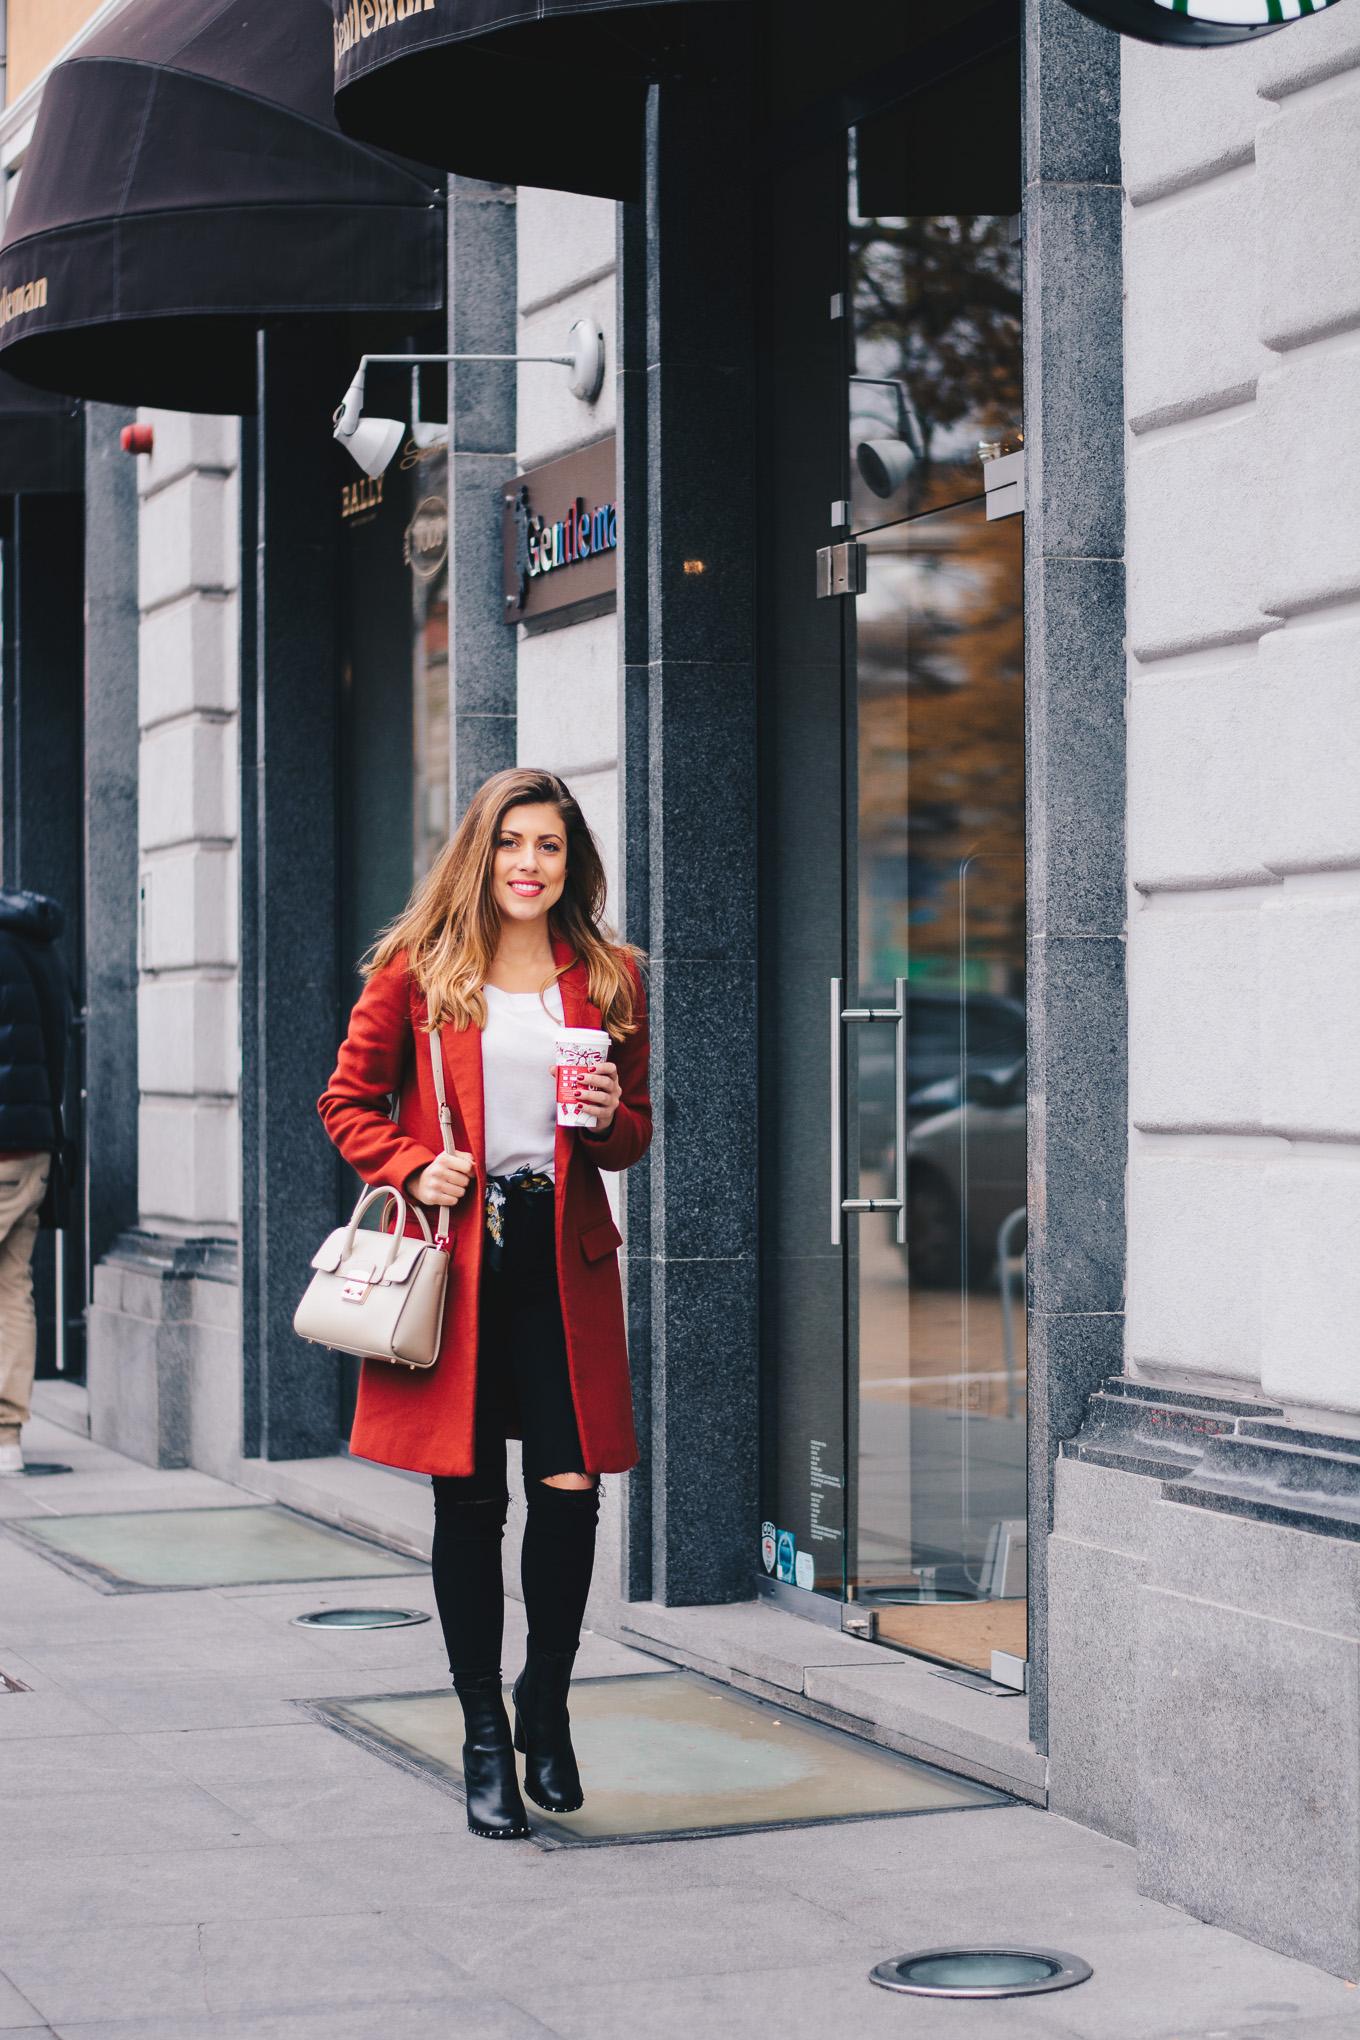 Furla metropolis handbag red coat